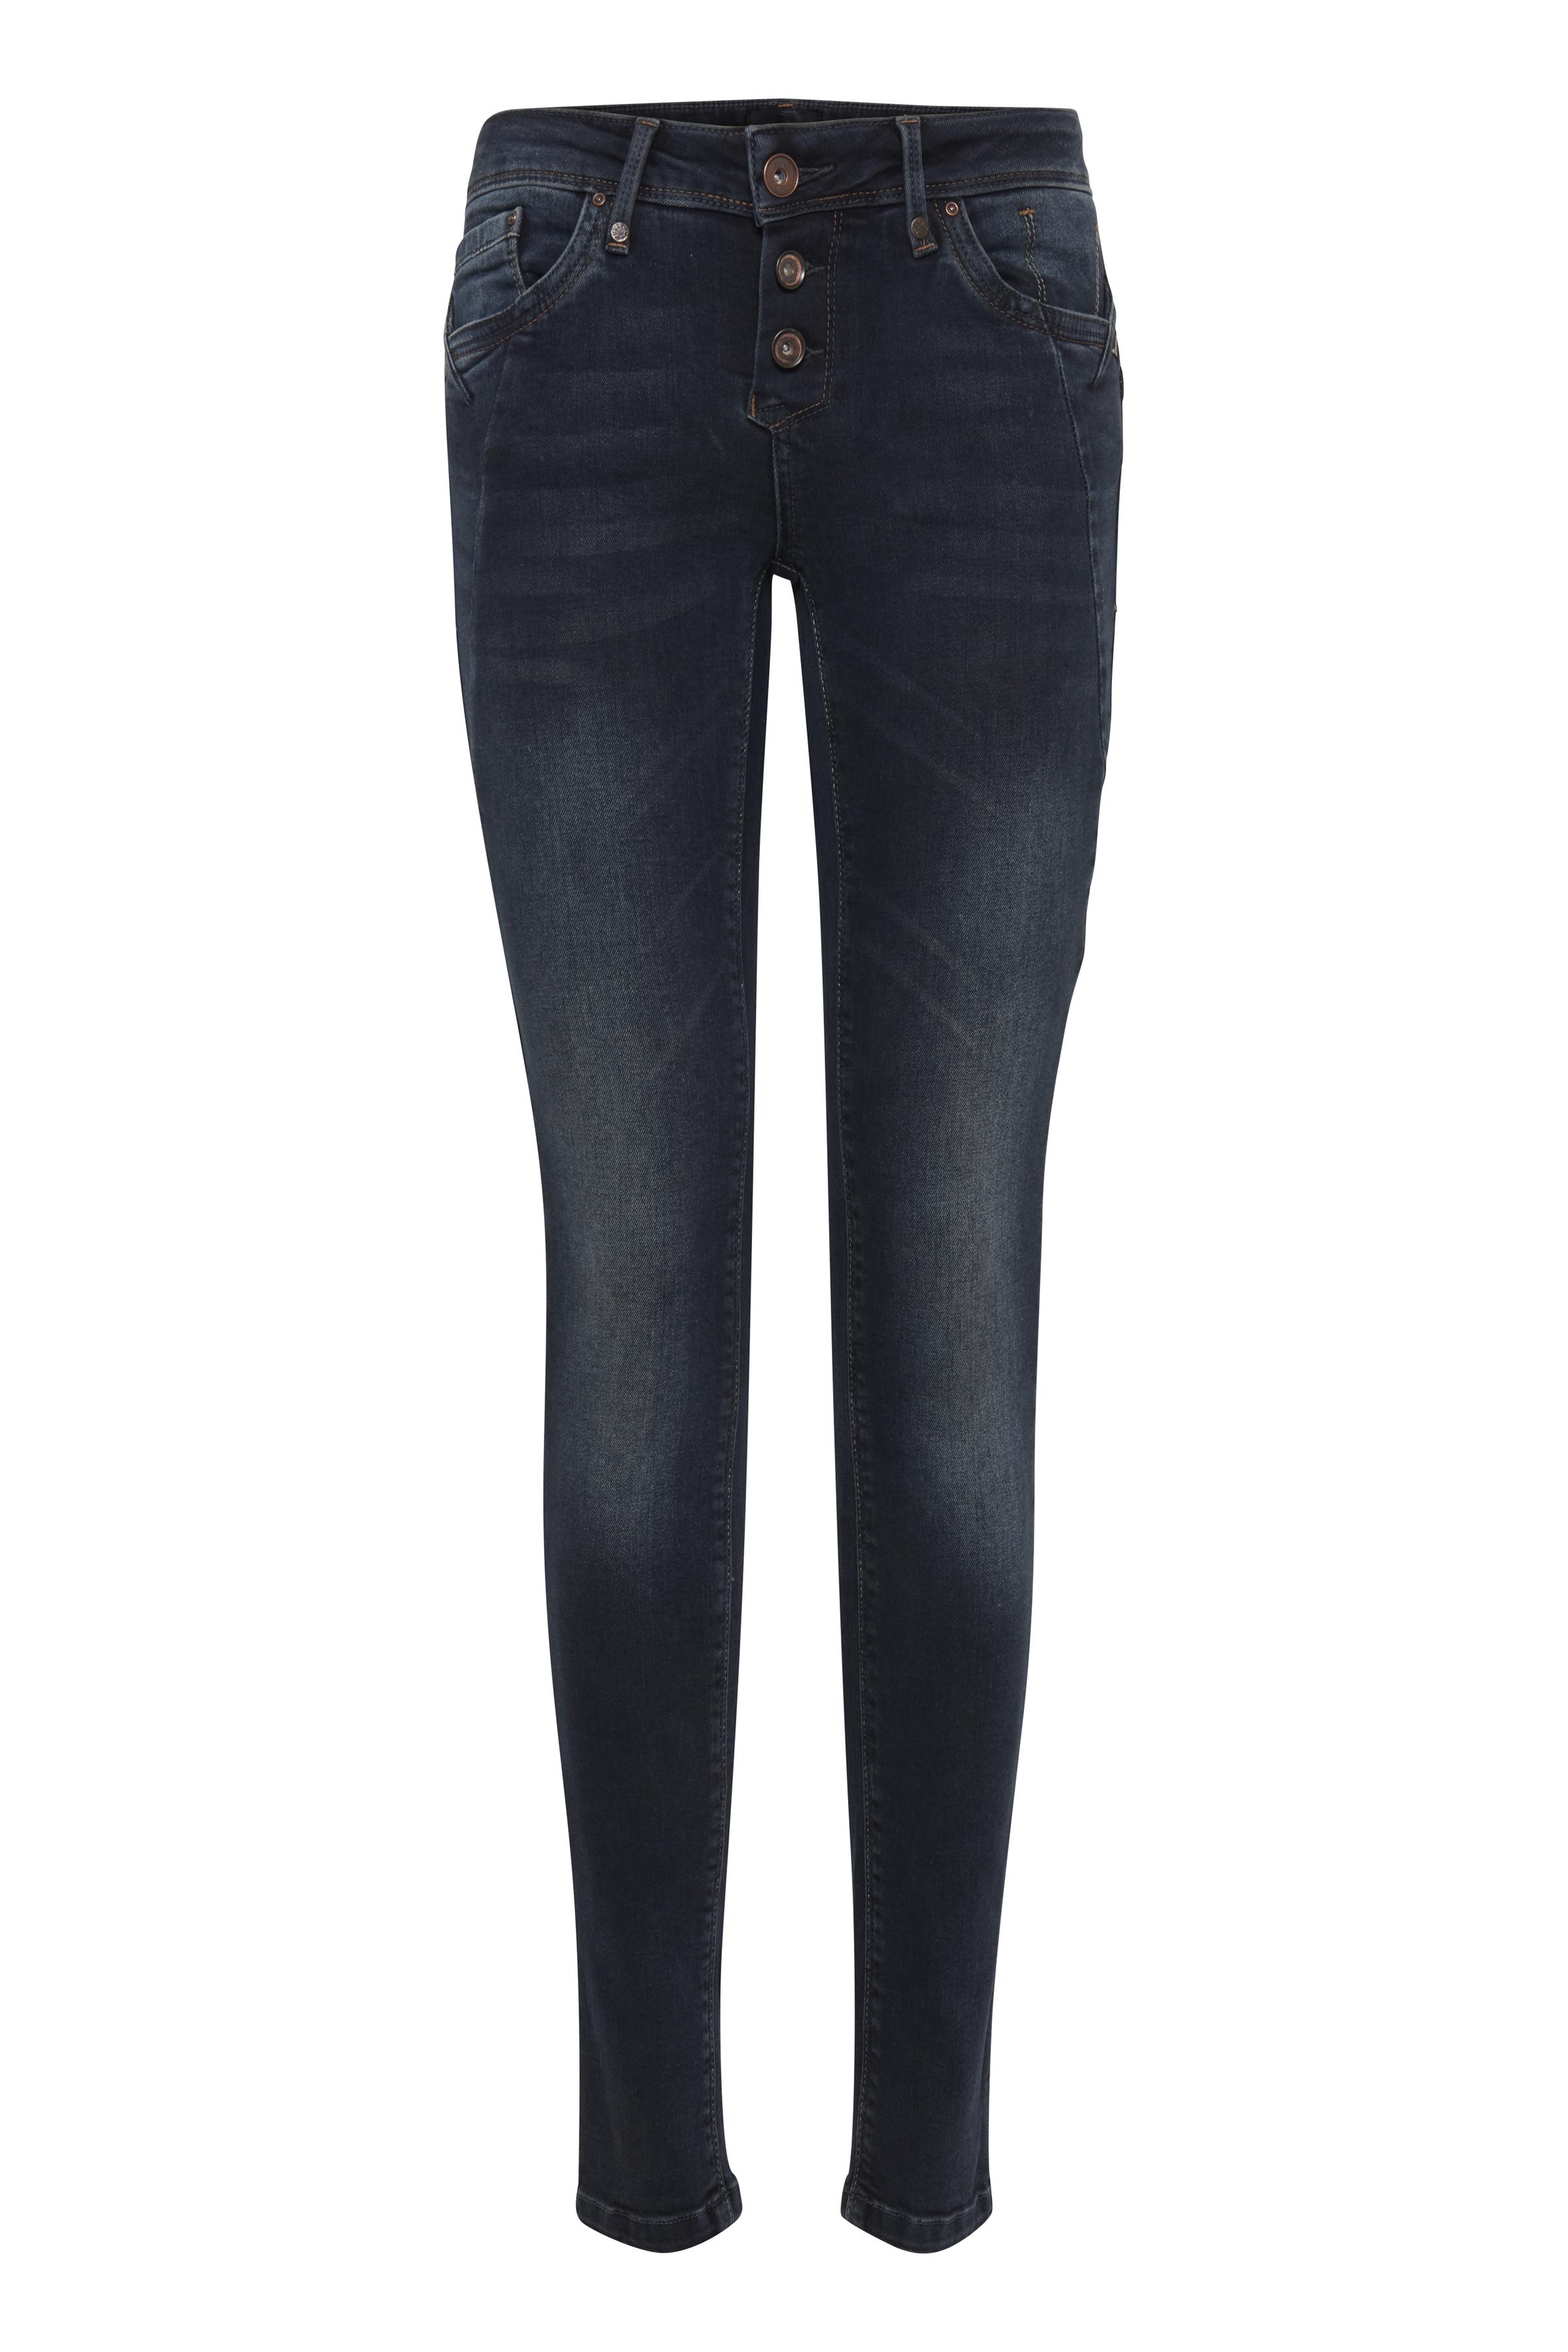 Image of Pulz Jeans Dame Jeans - Mørkeblå